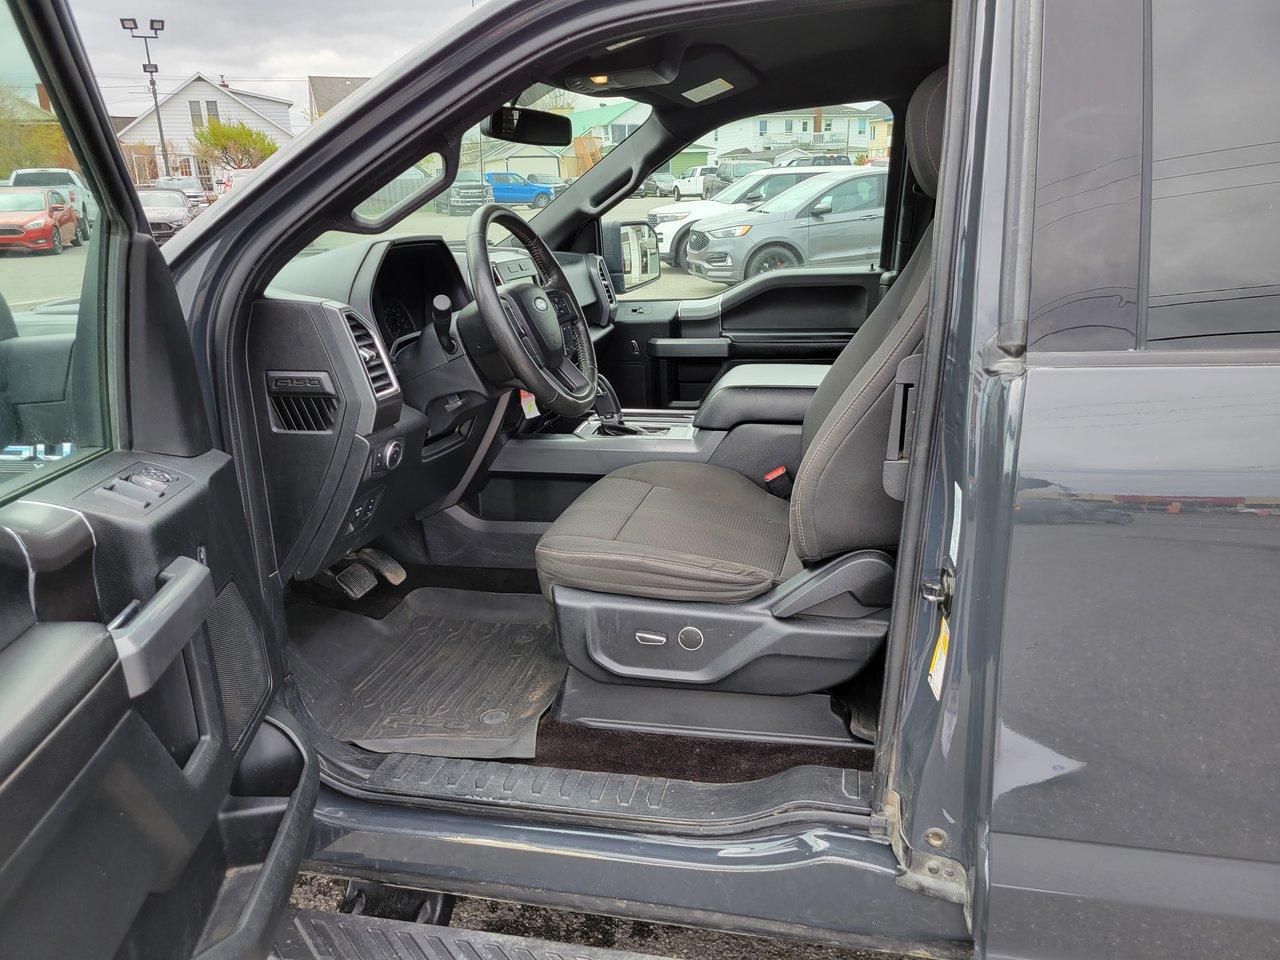 2016 Ford F-150 XLT SUPERCAB SWB 4WD